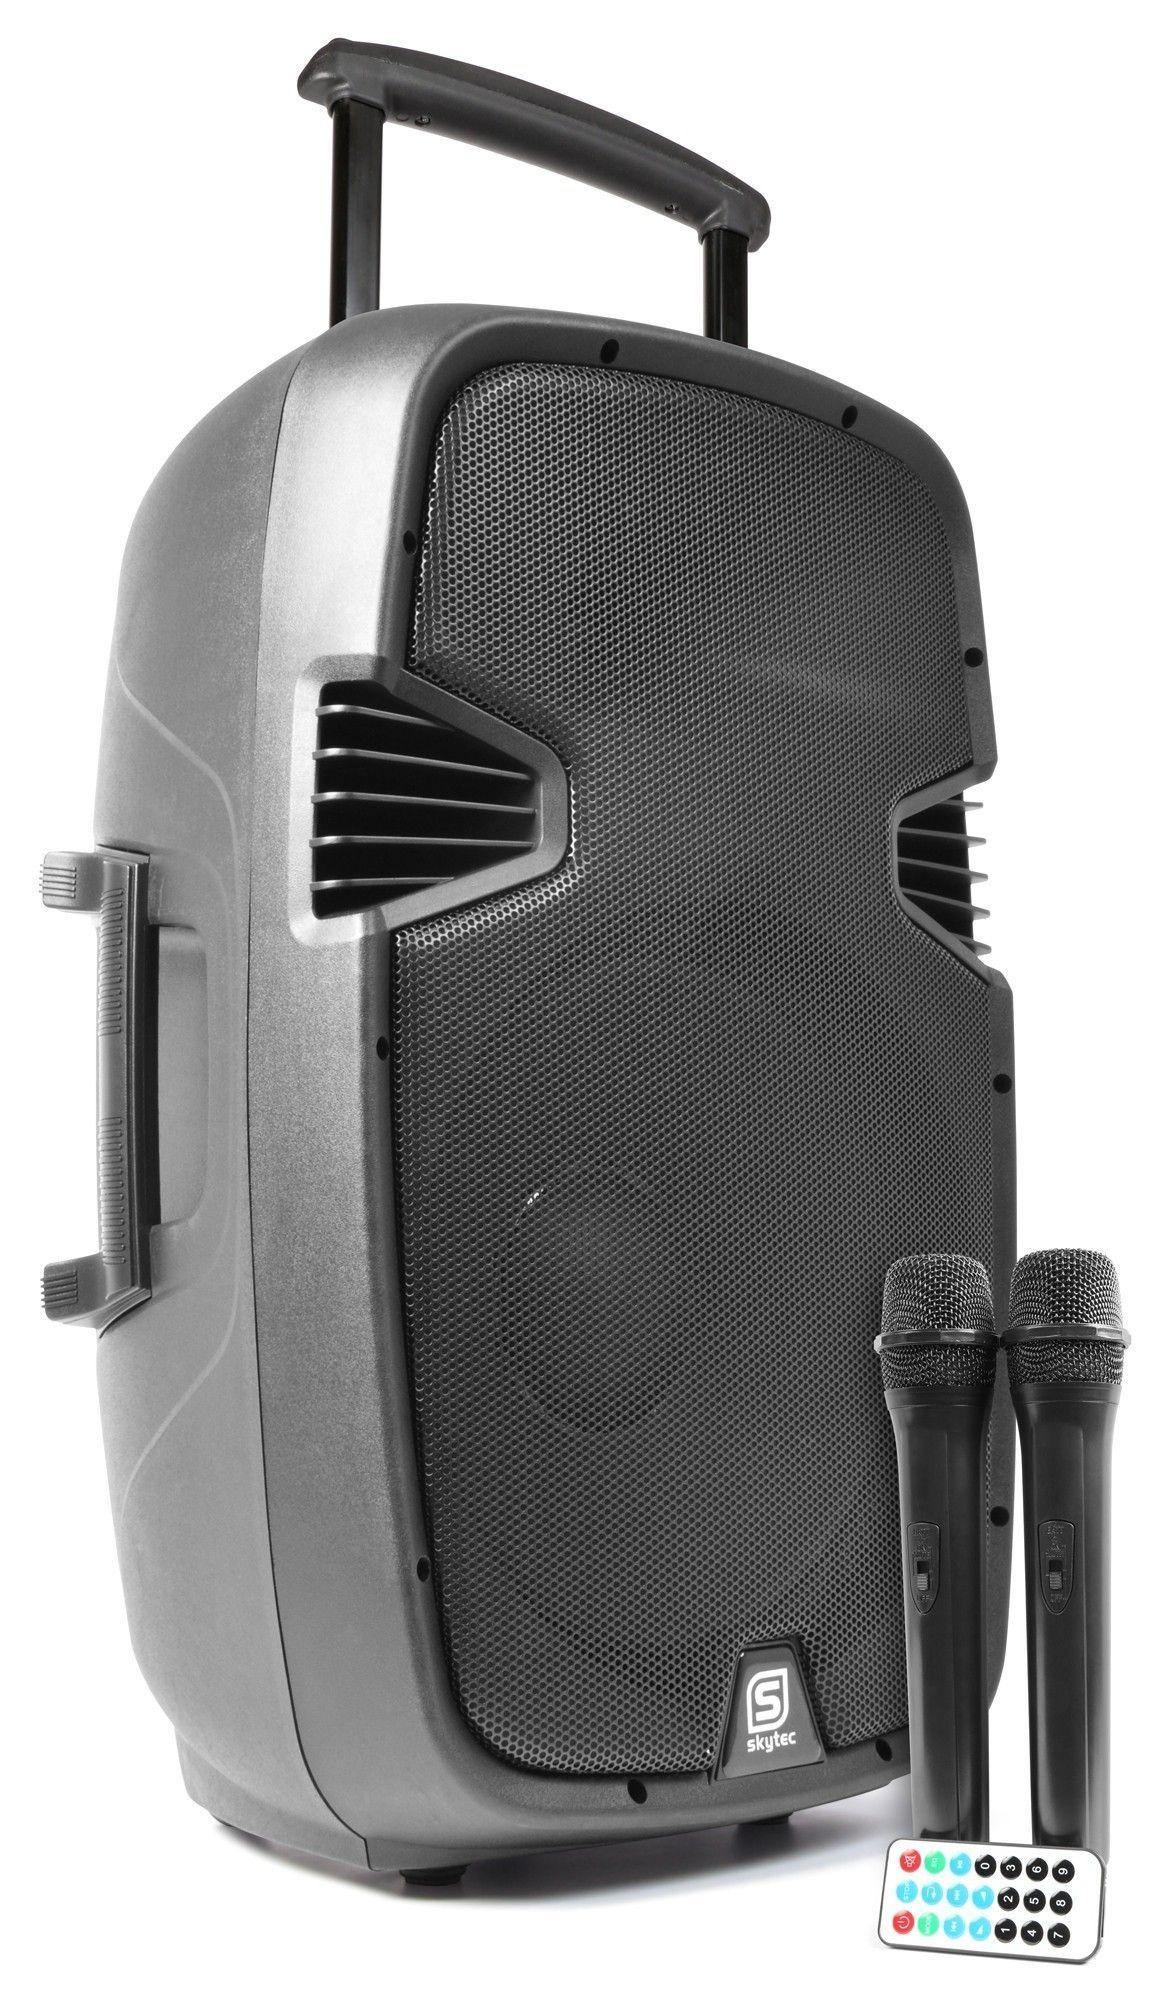 SkyTec SPJ-PA915 mobiele speaker 15